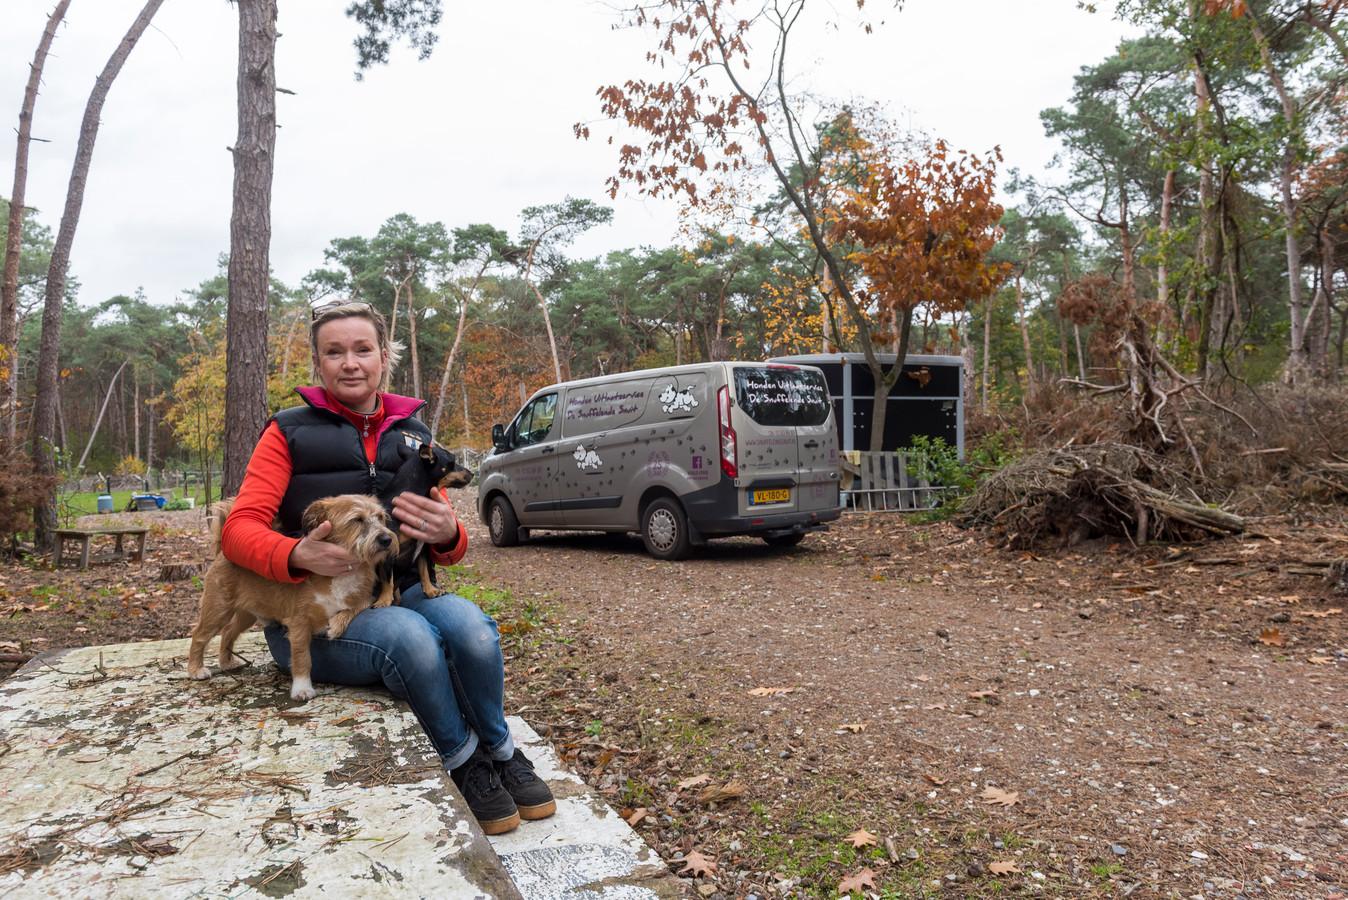 Maeyke Alons op haar bosperceel in Gerwen, waar ze honden van anderen uitlaat. Bij haar zitten haar eigen honden Pepito (links) en Peanut.